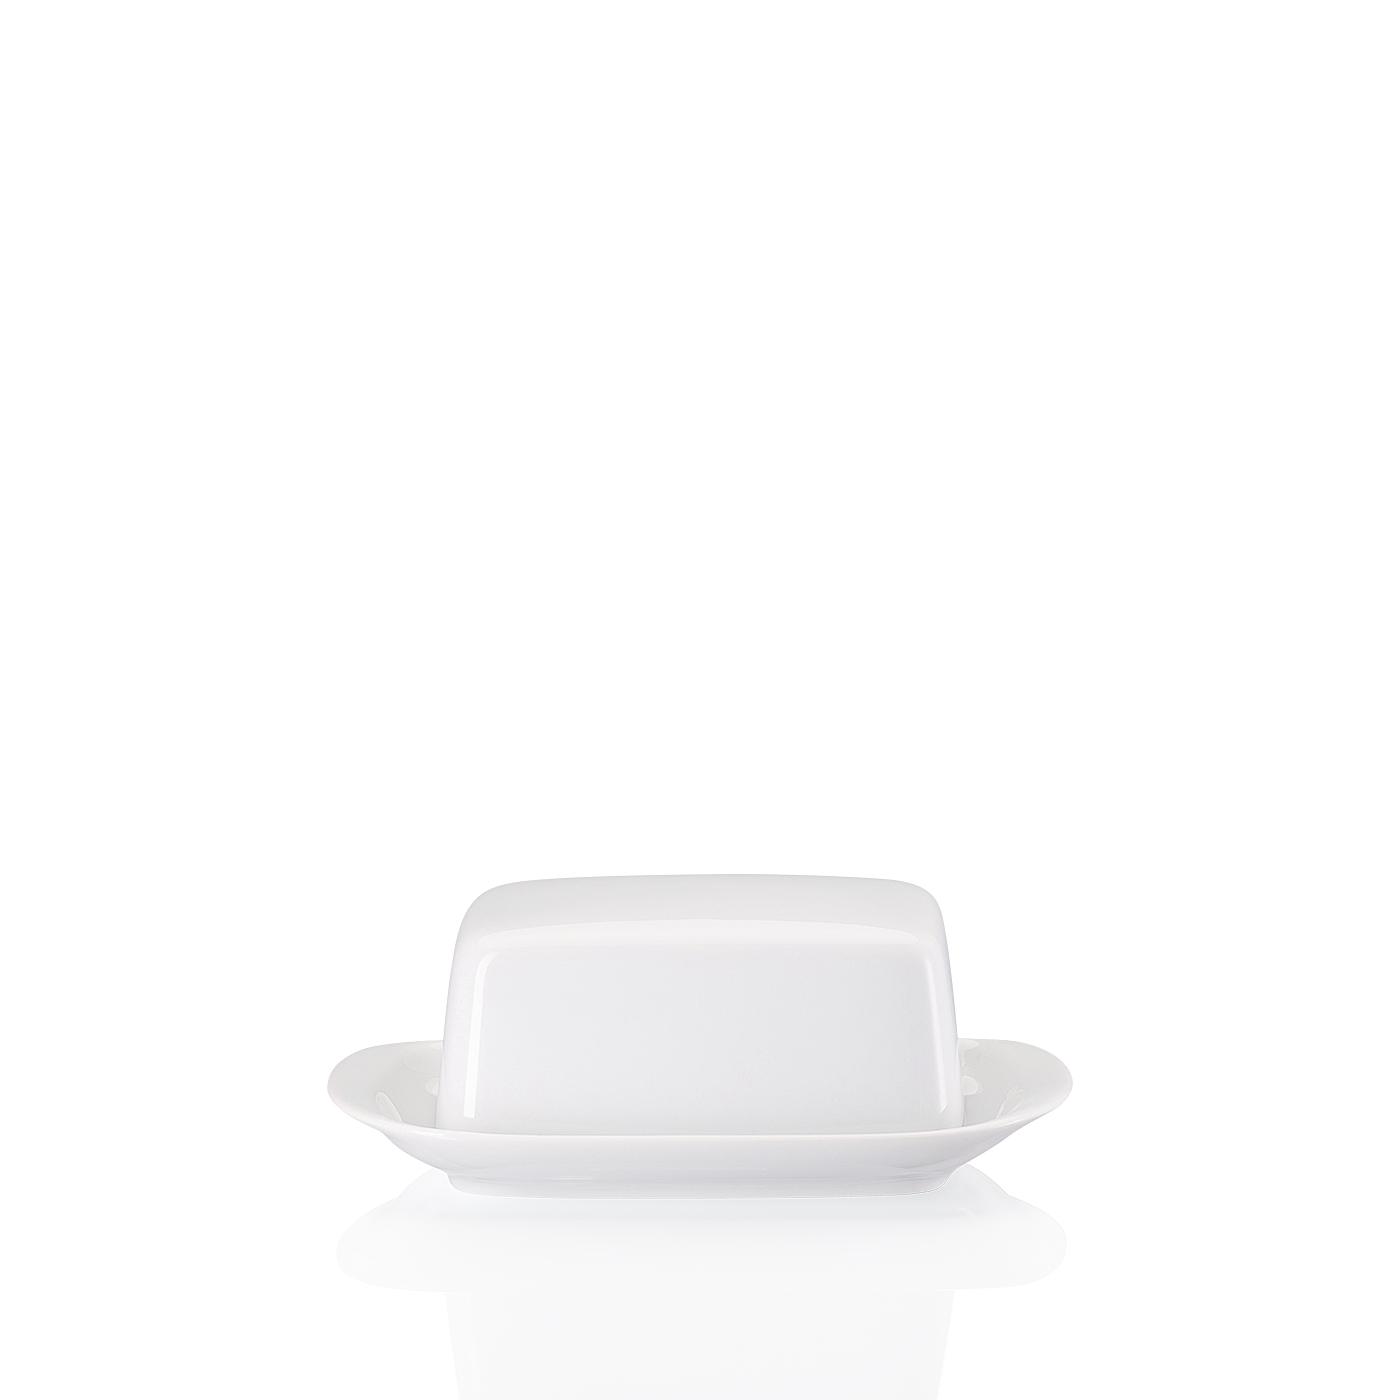 Butterdose klein Form 1382 Weiss Arzberg